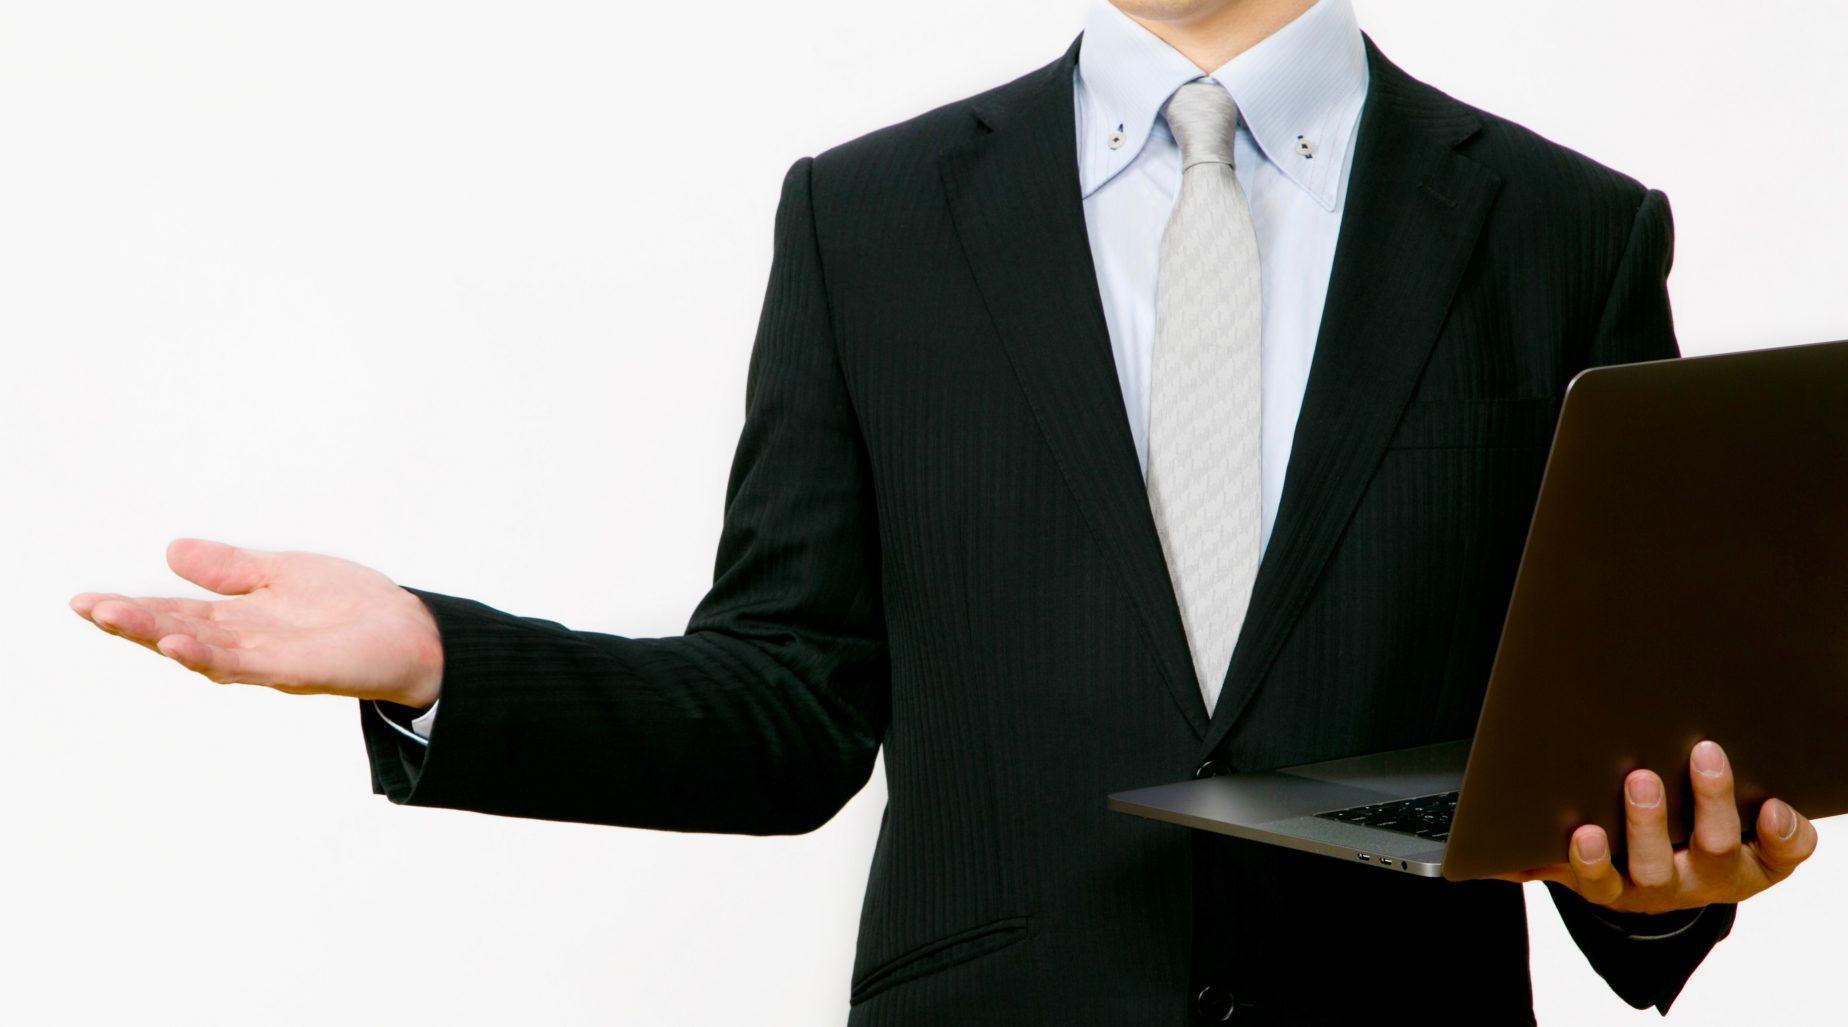 紹介をするスーツ姿の男性